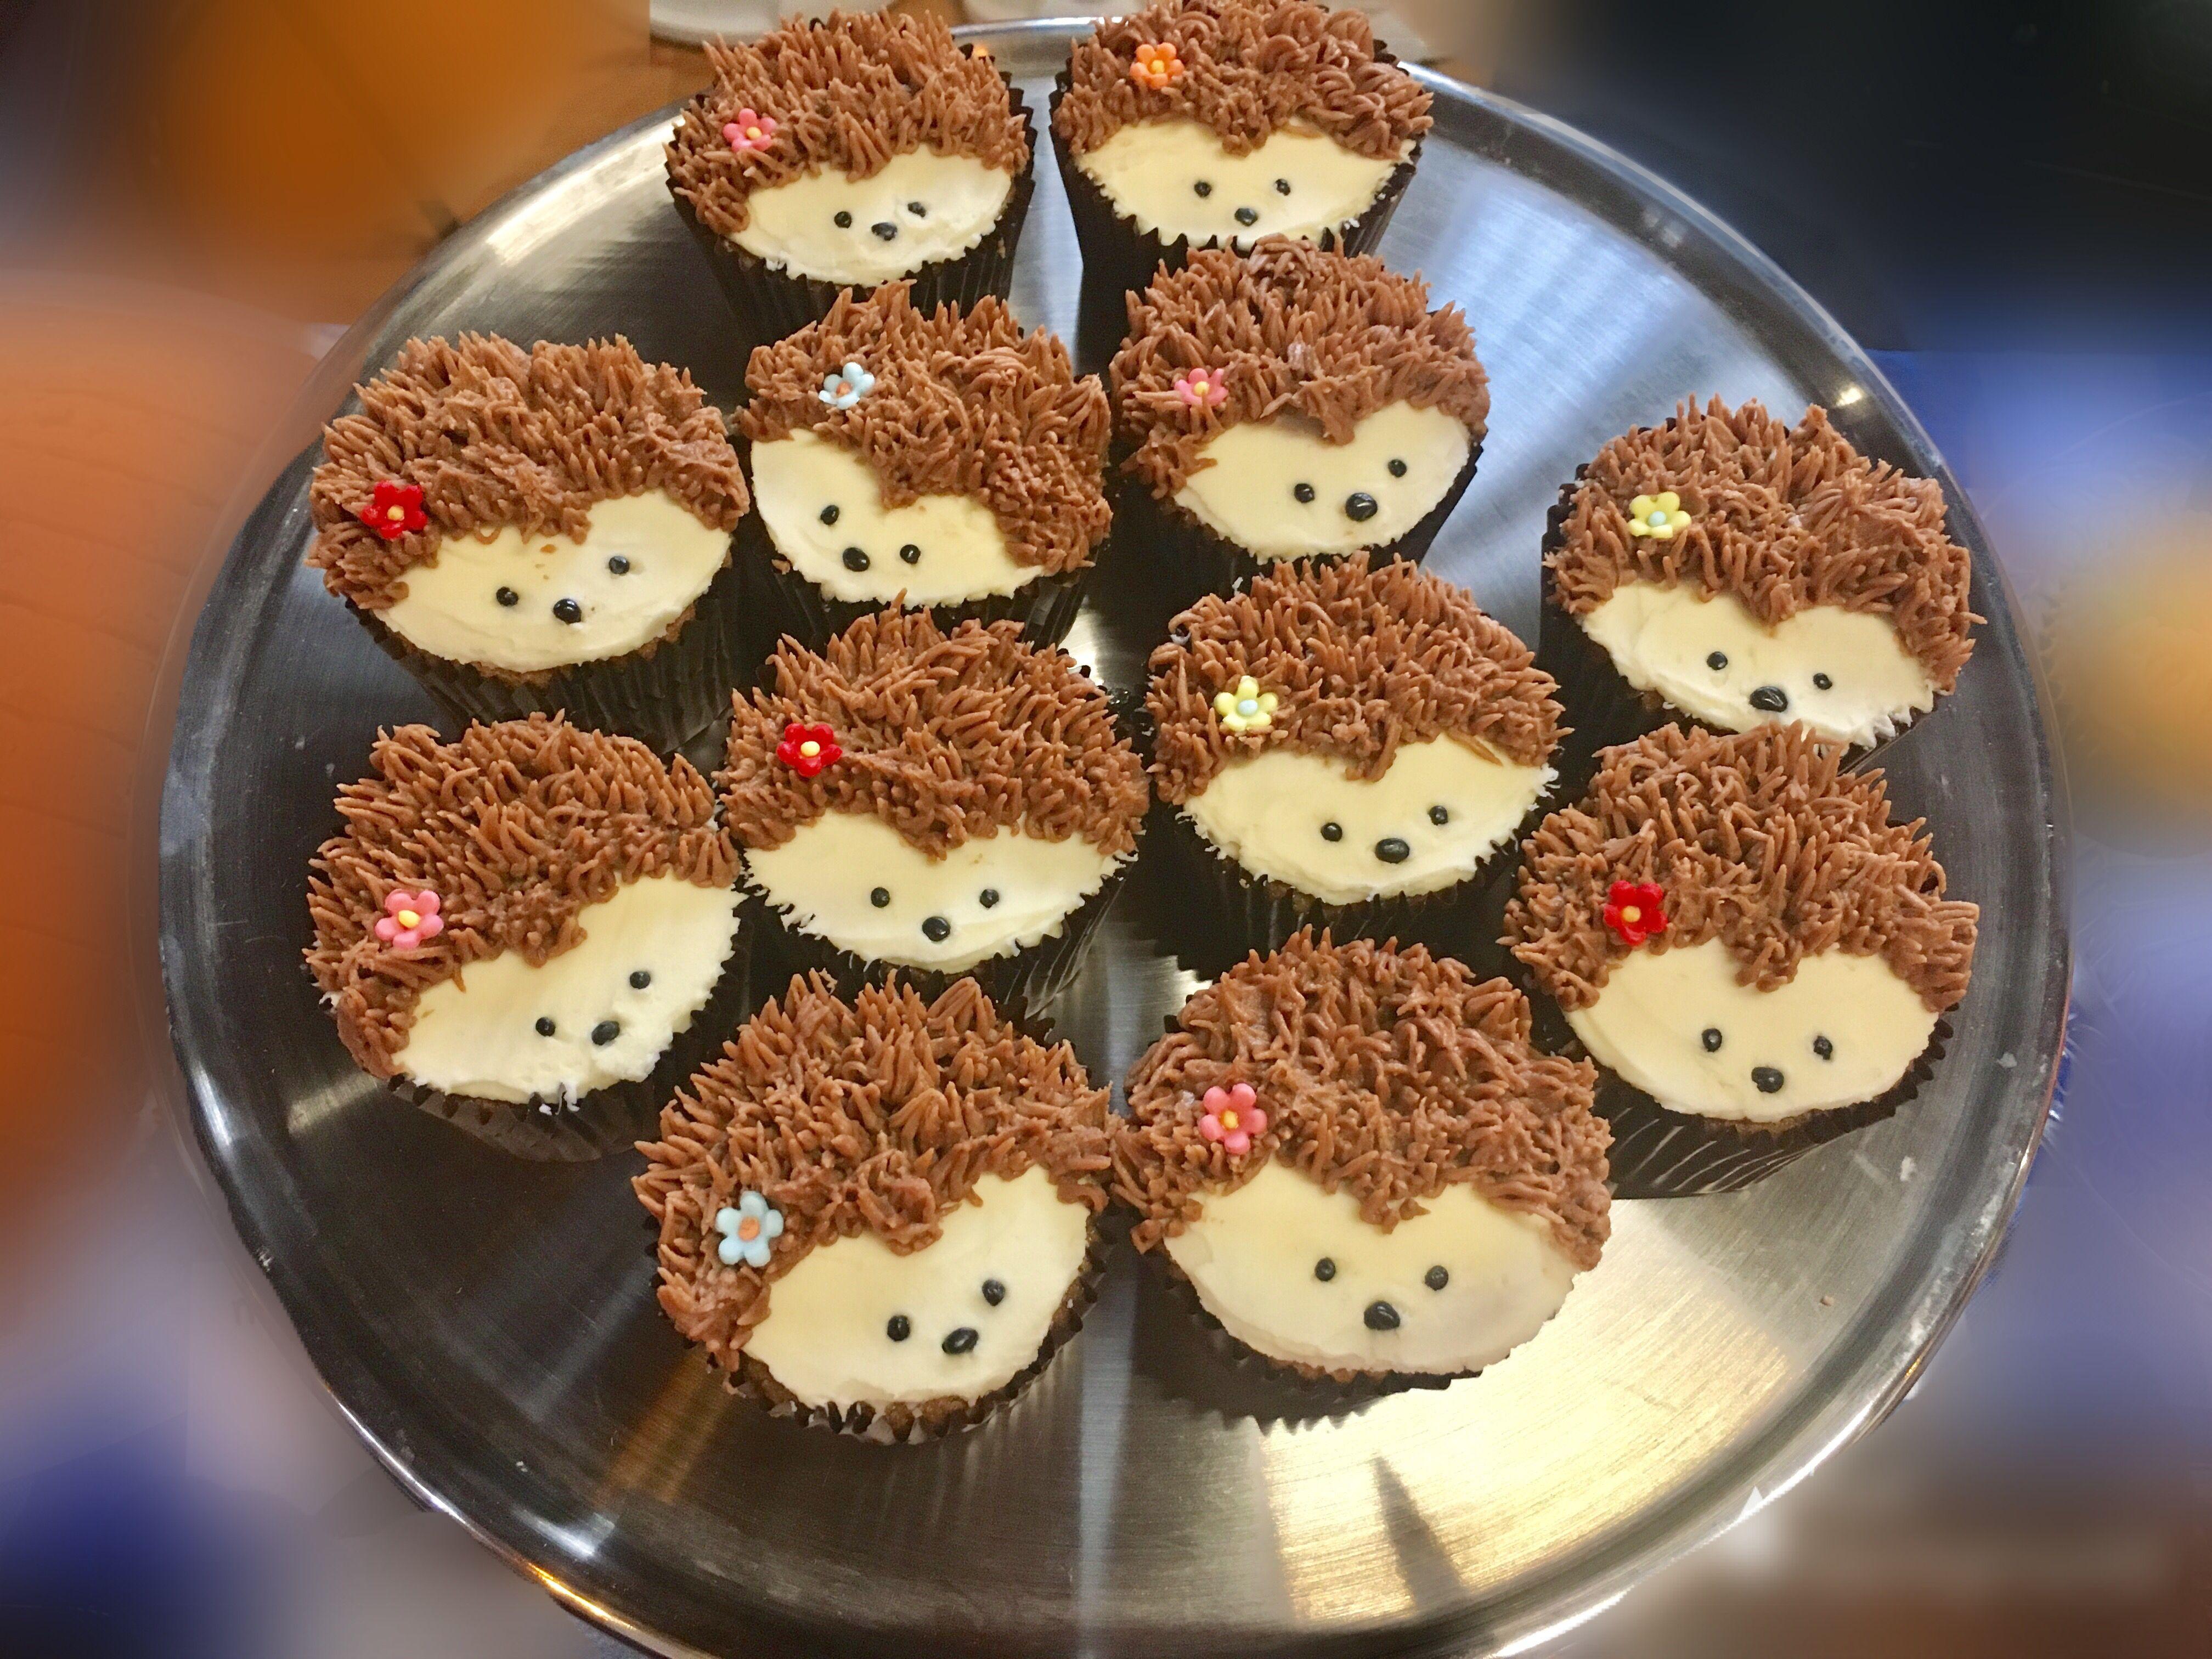 Hedgehog cupcakes #hedgehogcake